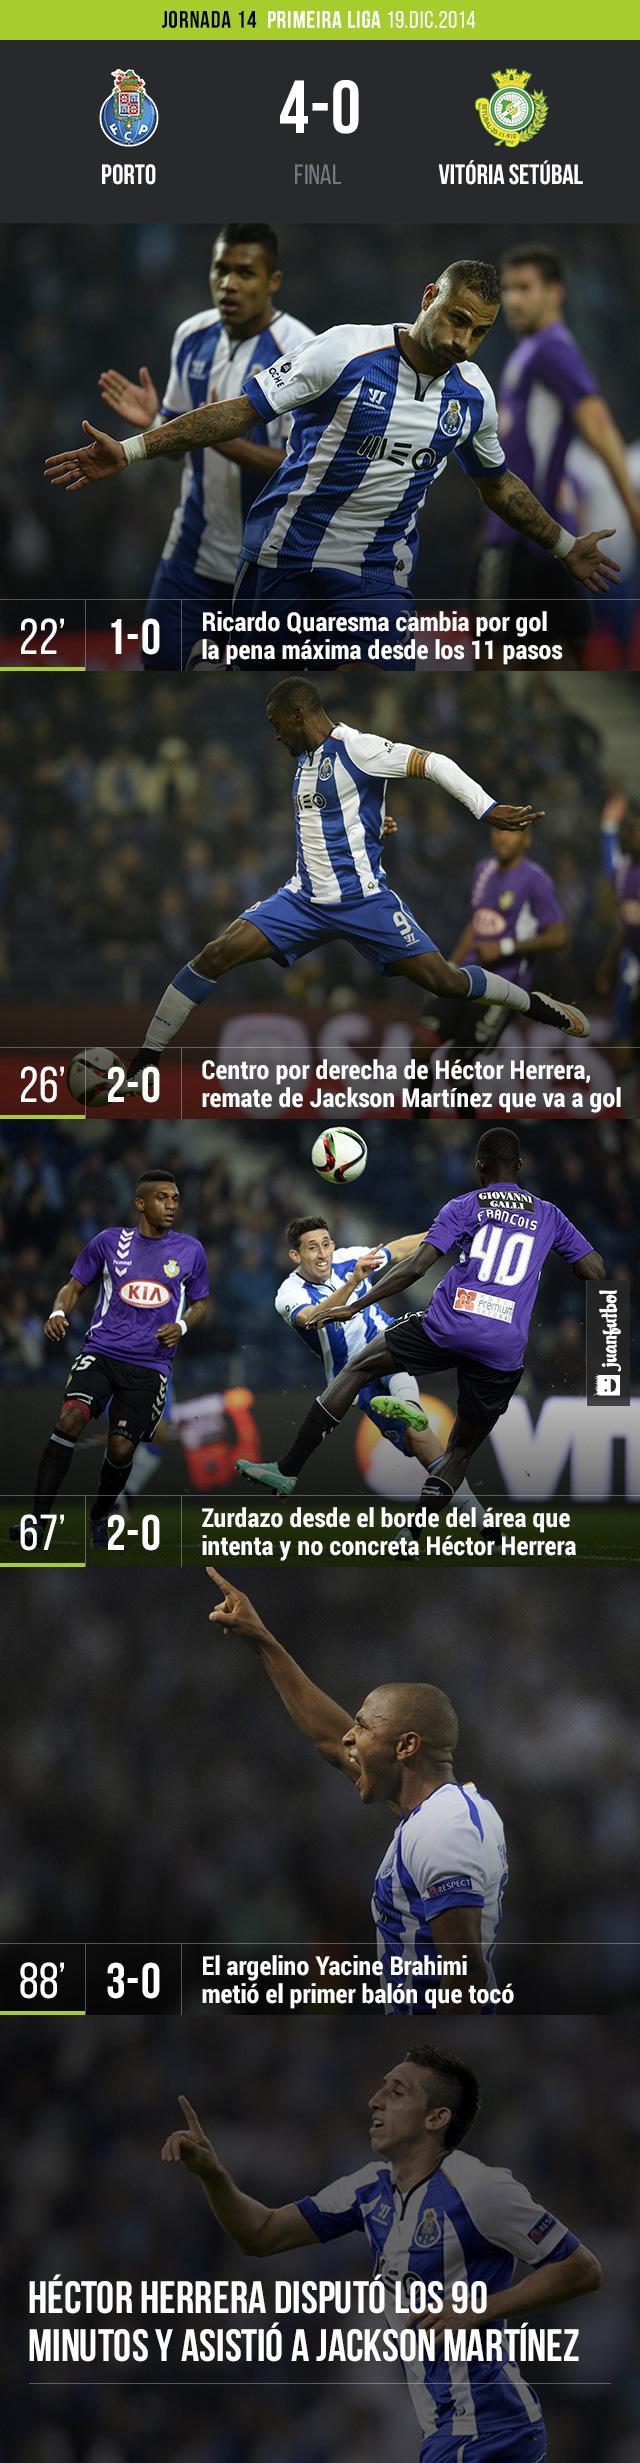 El Porto vence 4-0 al Vitória Setúbal por la jornada 14 de la Primeira Liga portuguesa